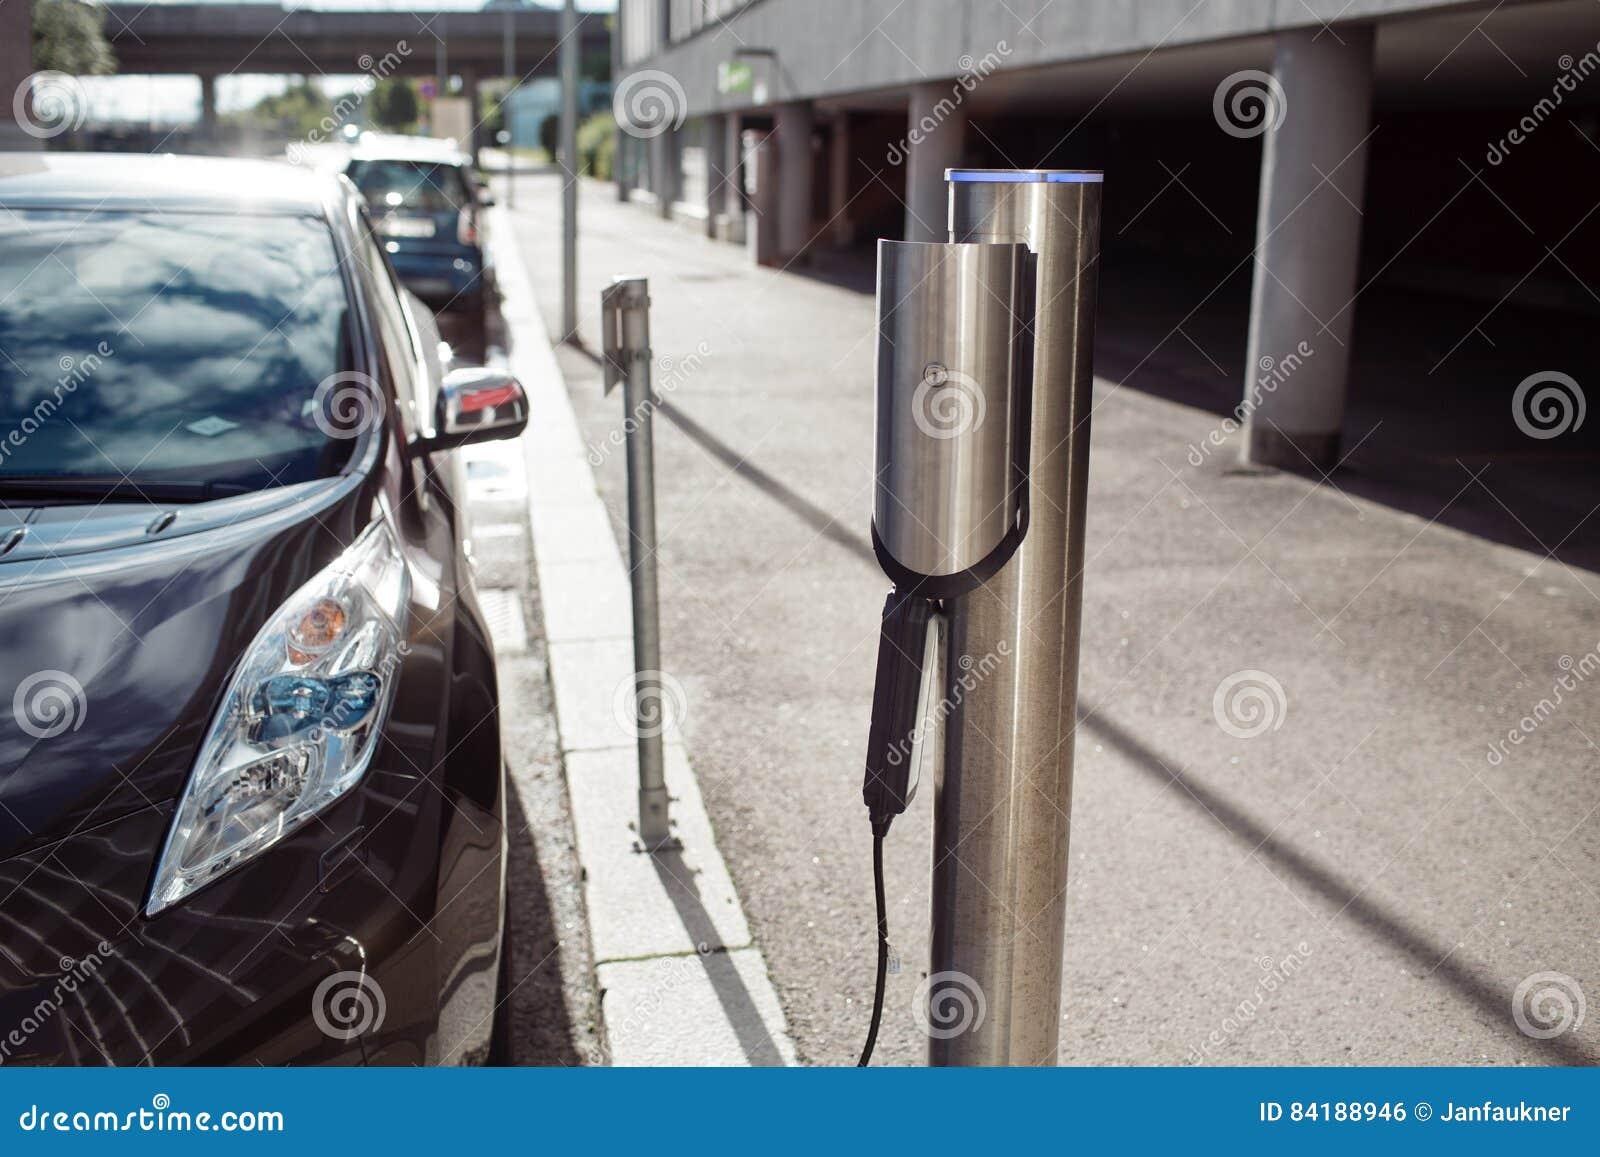 Främre sida av bilpäfyllningsenergin